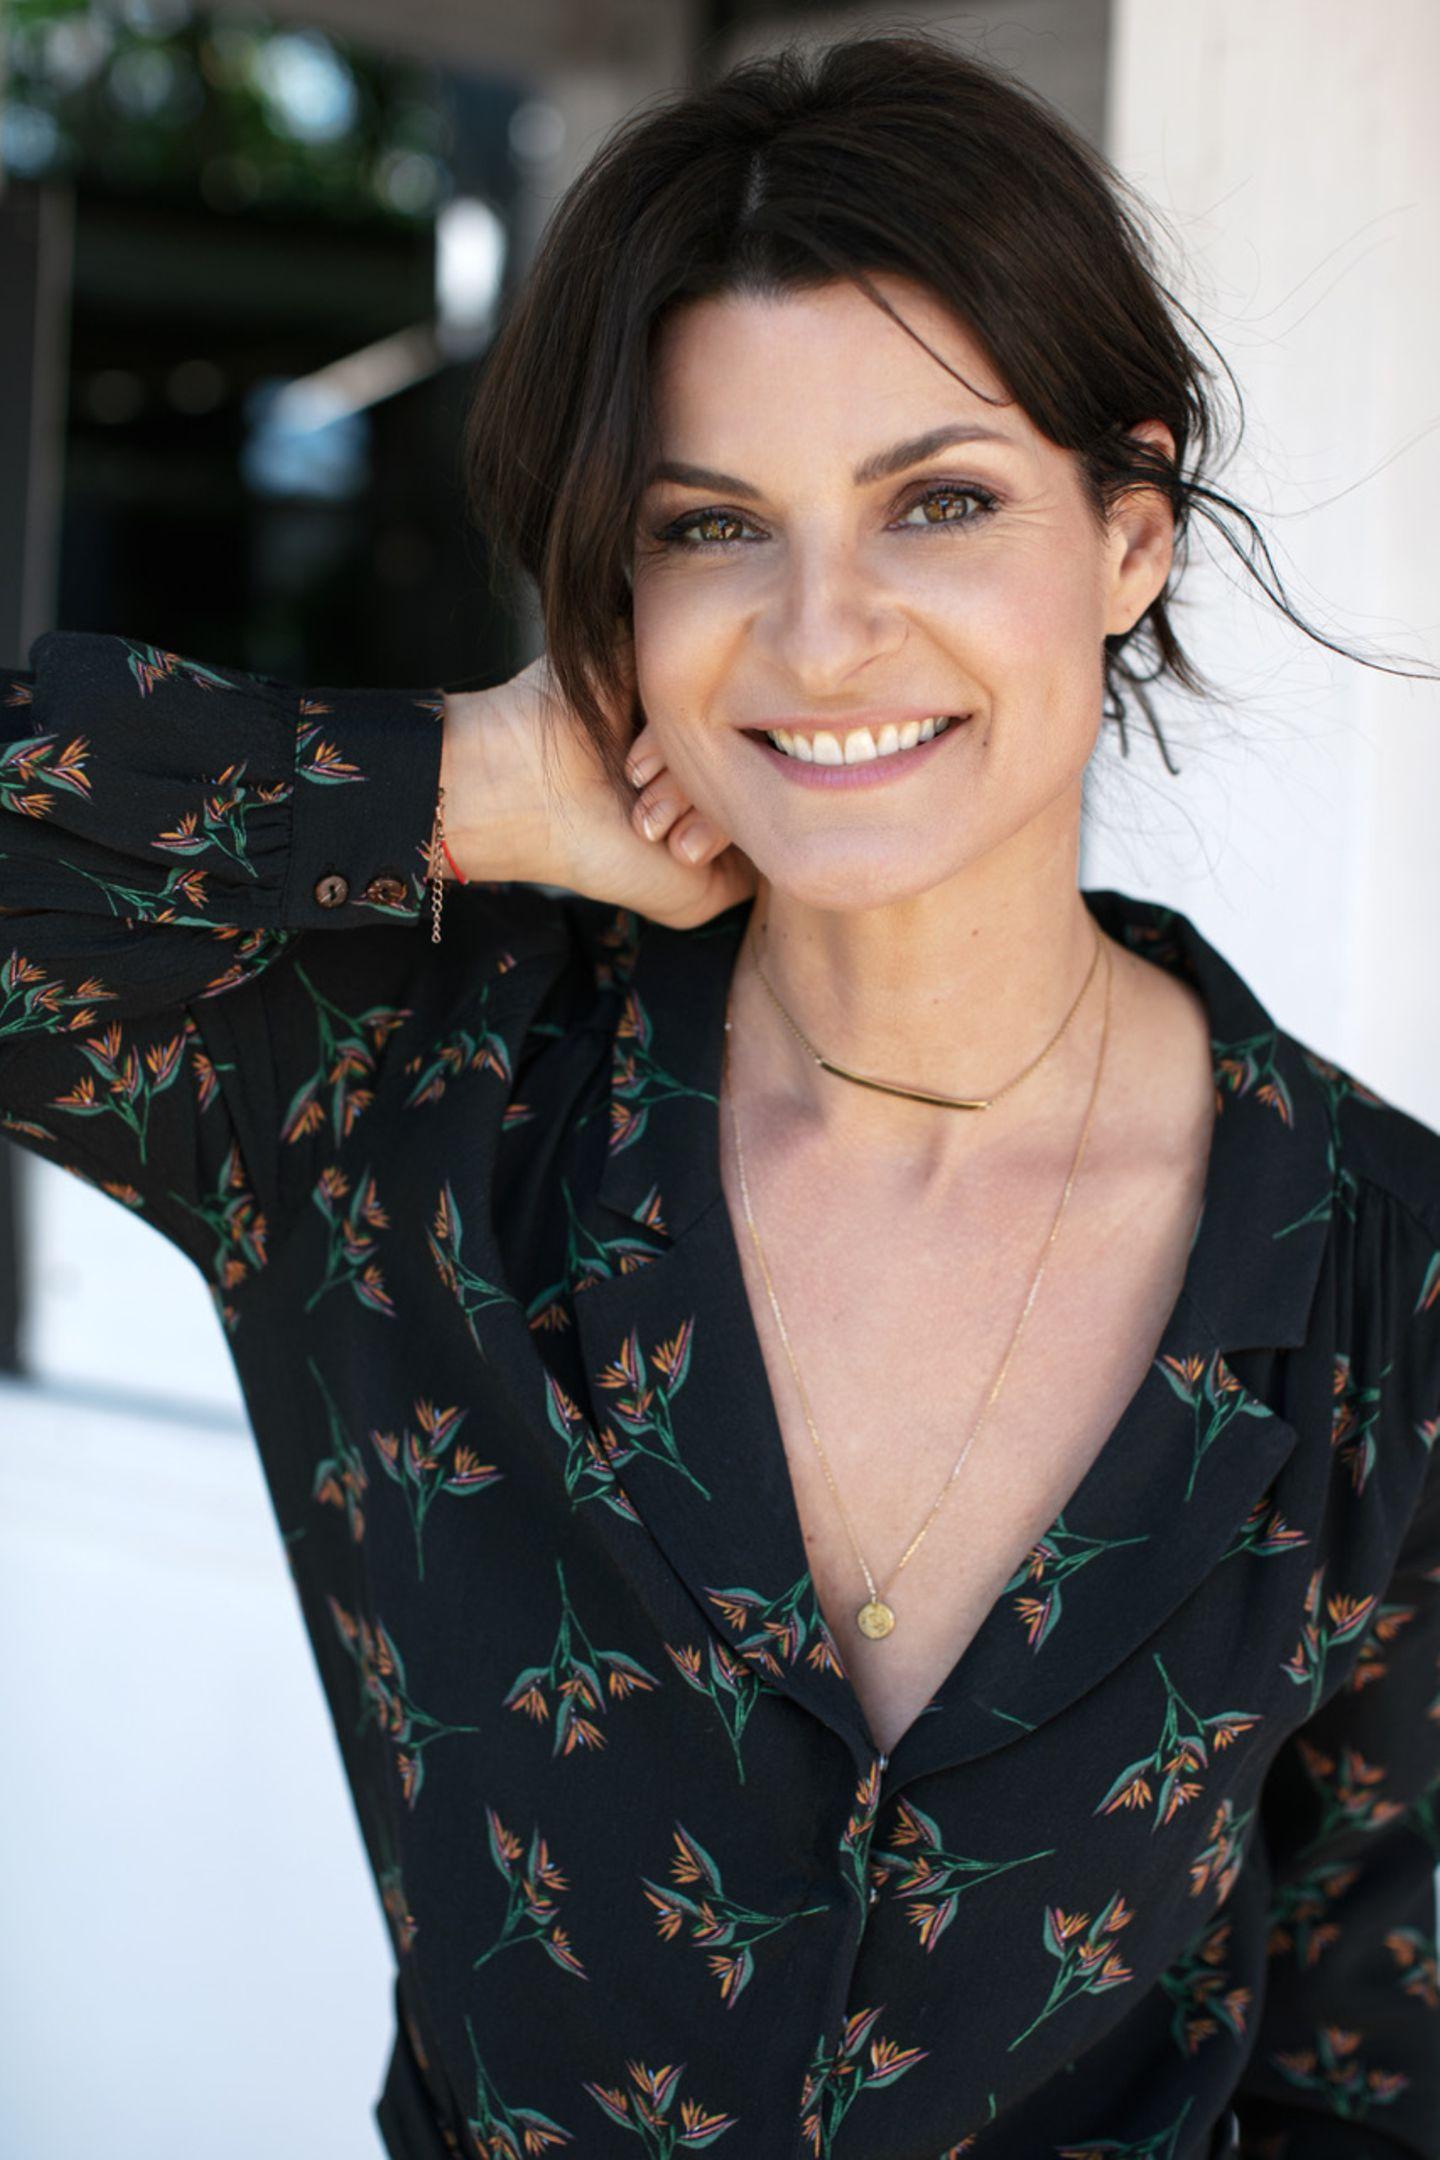 Brigitte-Petition: Marlene Lufen